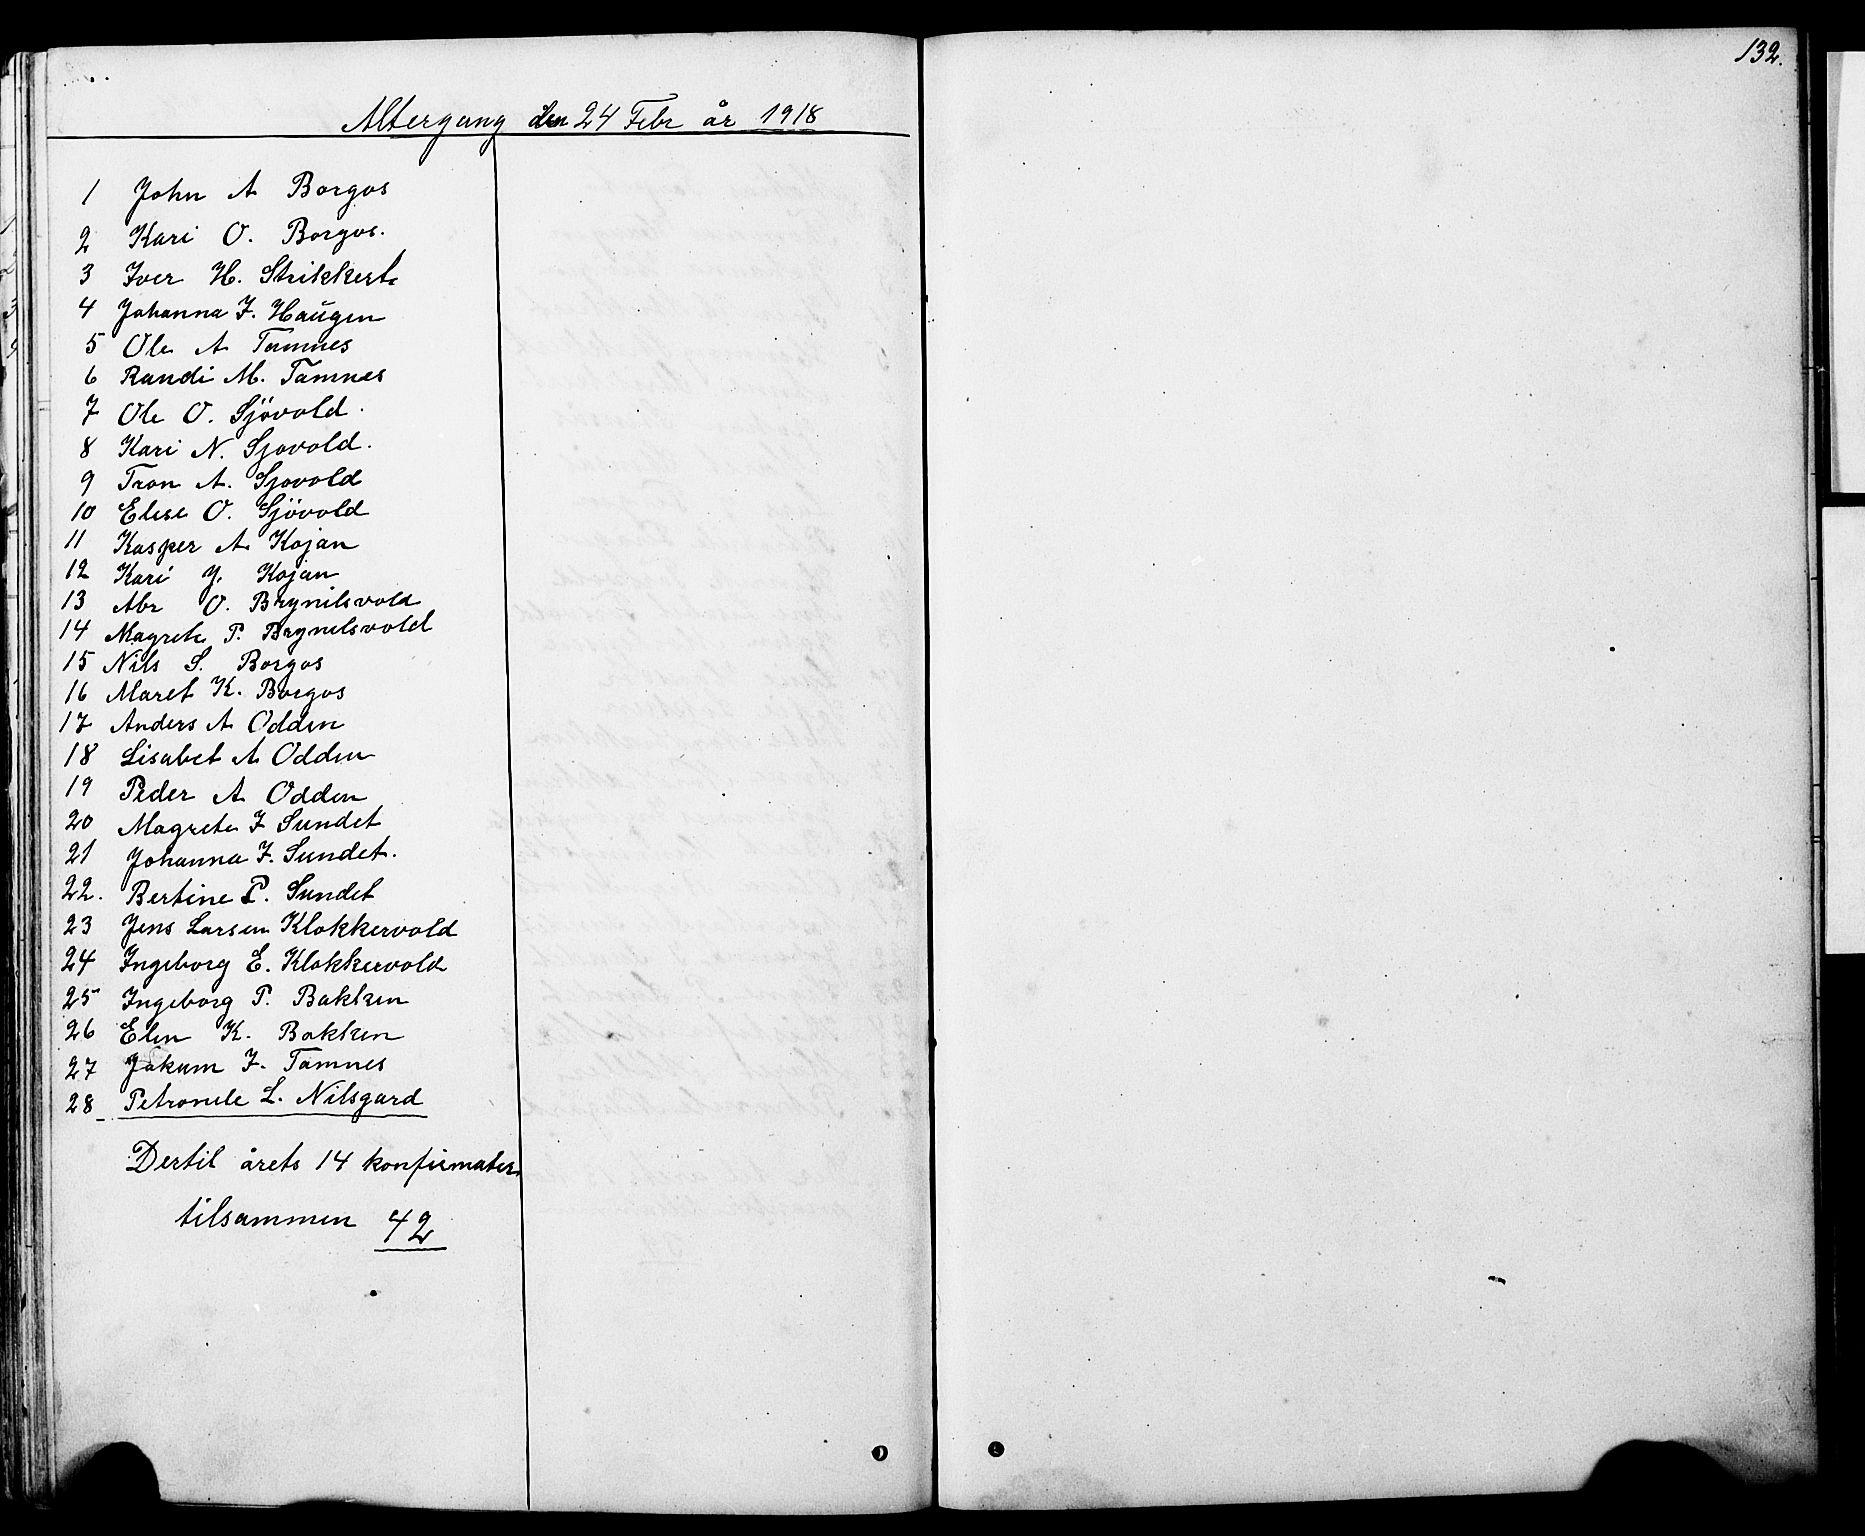 SAT, Ministerialprotokoller, klokkerbøker og fødselsregistre - Sør-Trøndelag, 683/L0949: Klokkerbok nr. 683C01, 1880-1896, s. 132